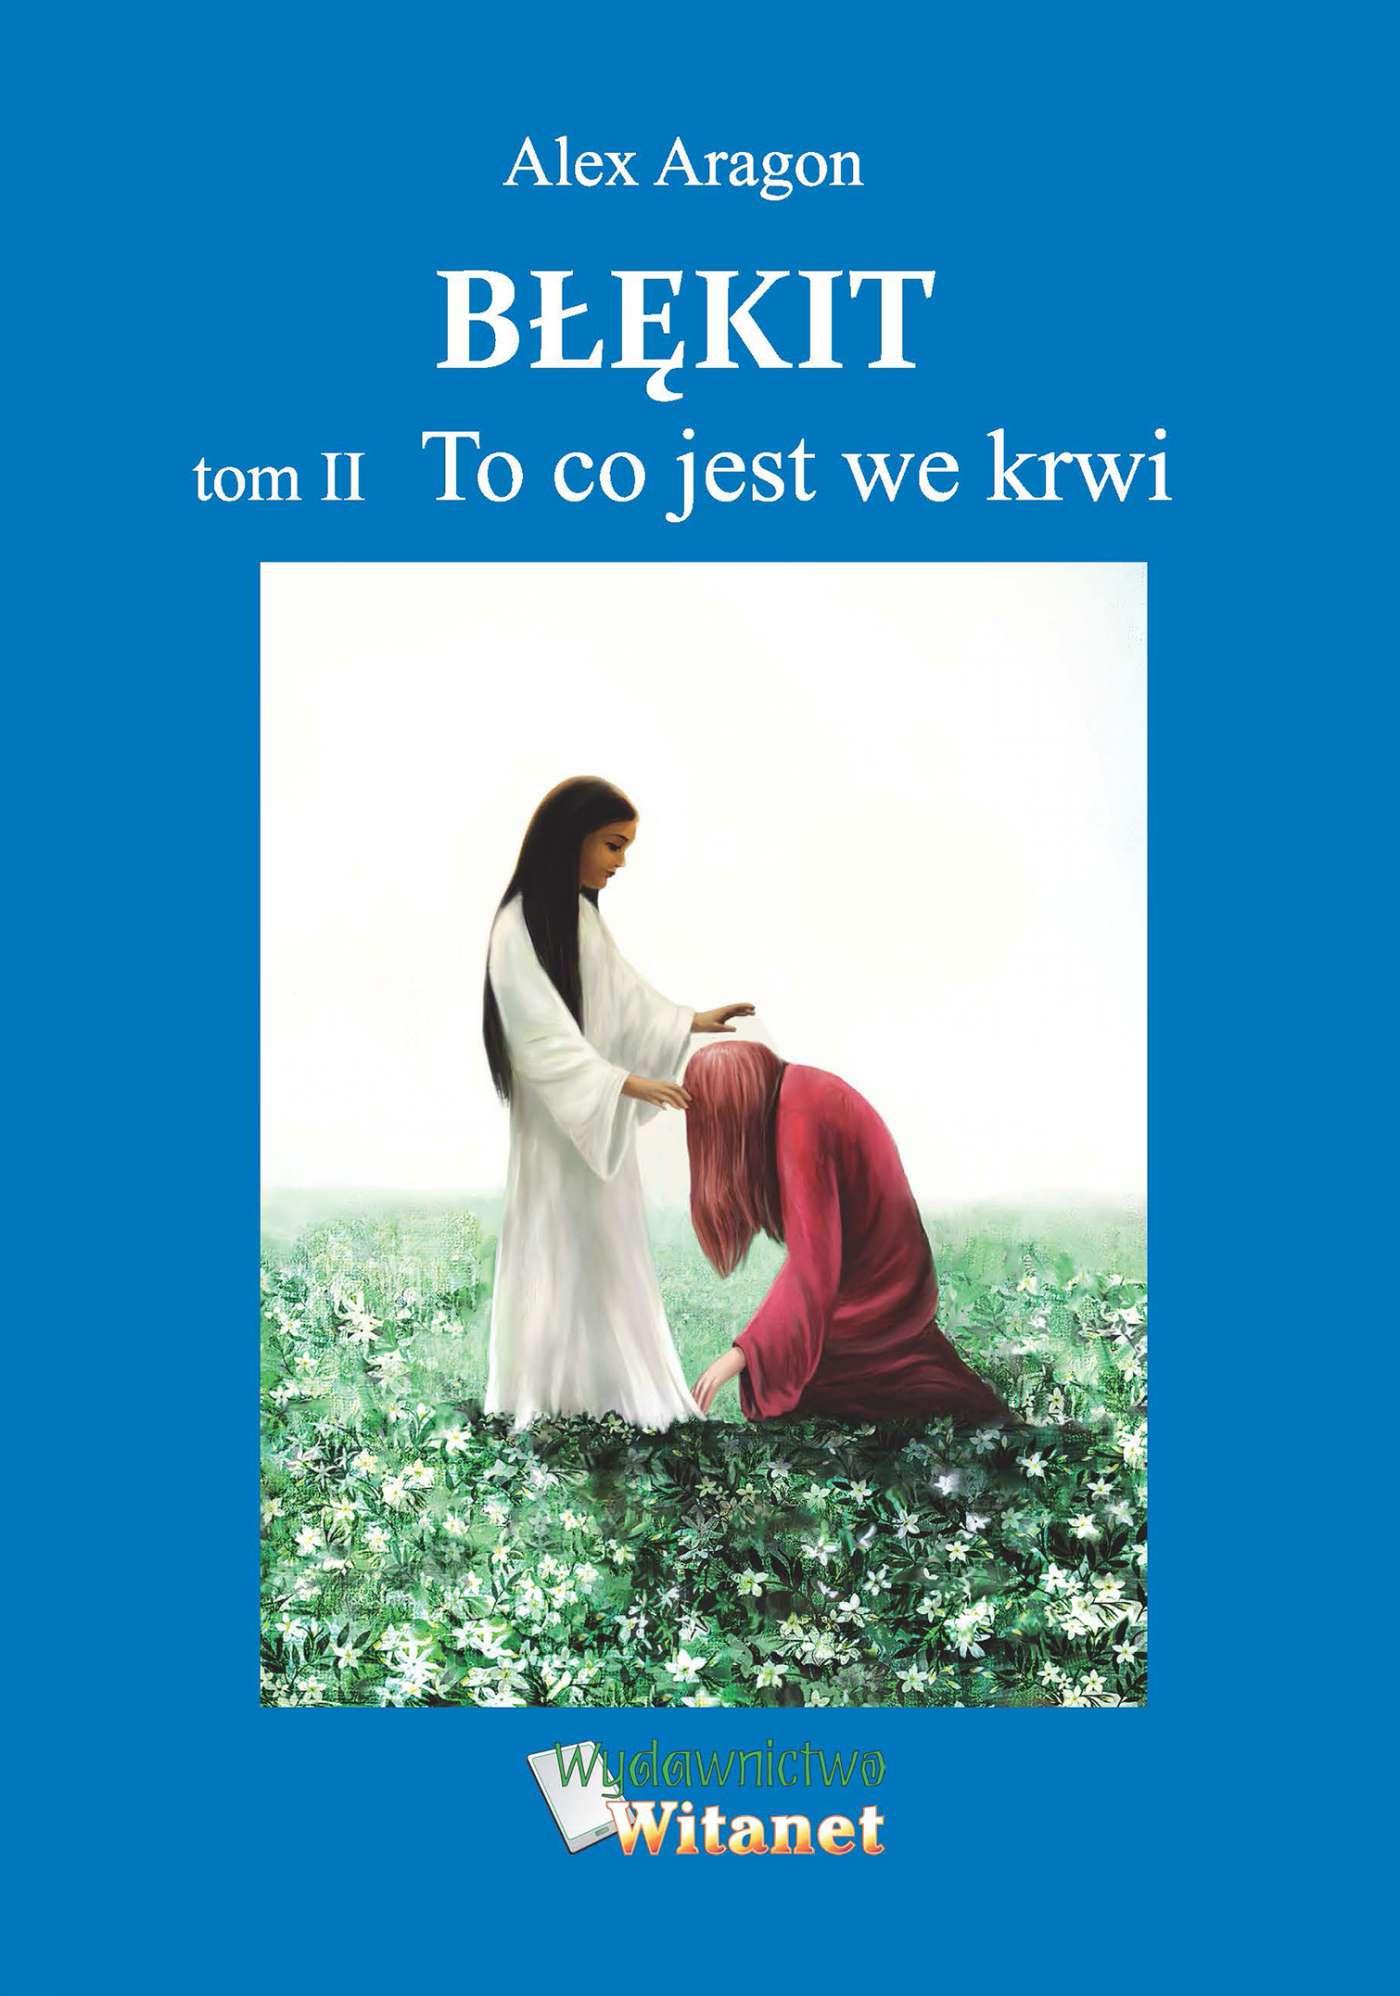 Błękit - tom II: To co jest we krwi - Ebook (Książka EPUB) do pobrania w formacie EPUB